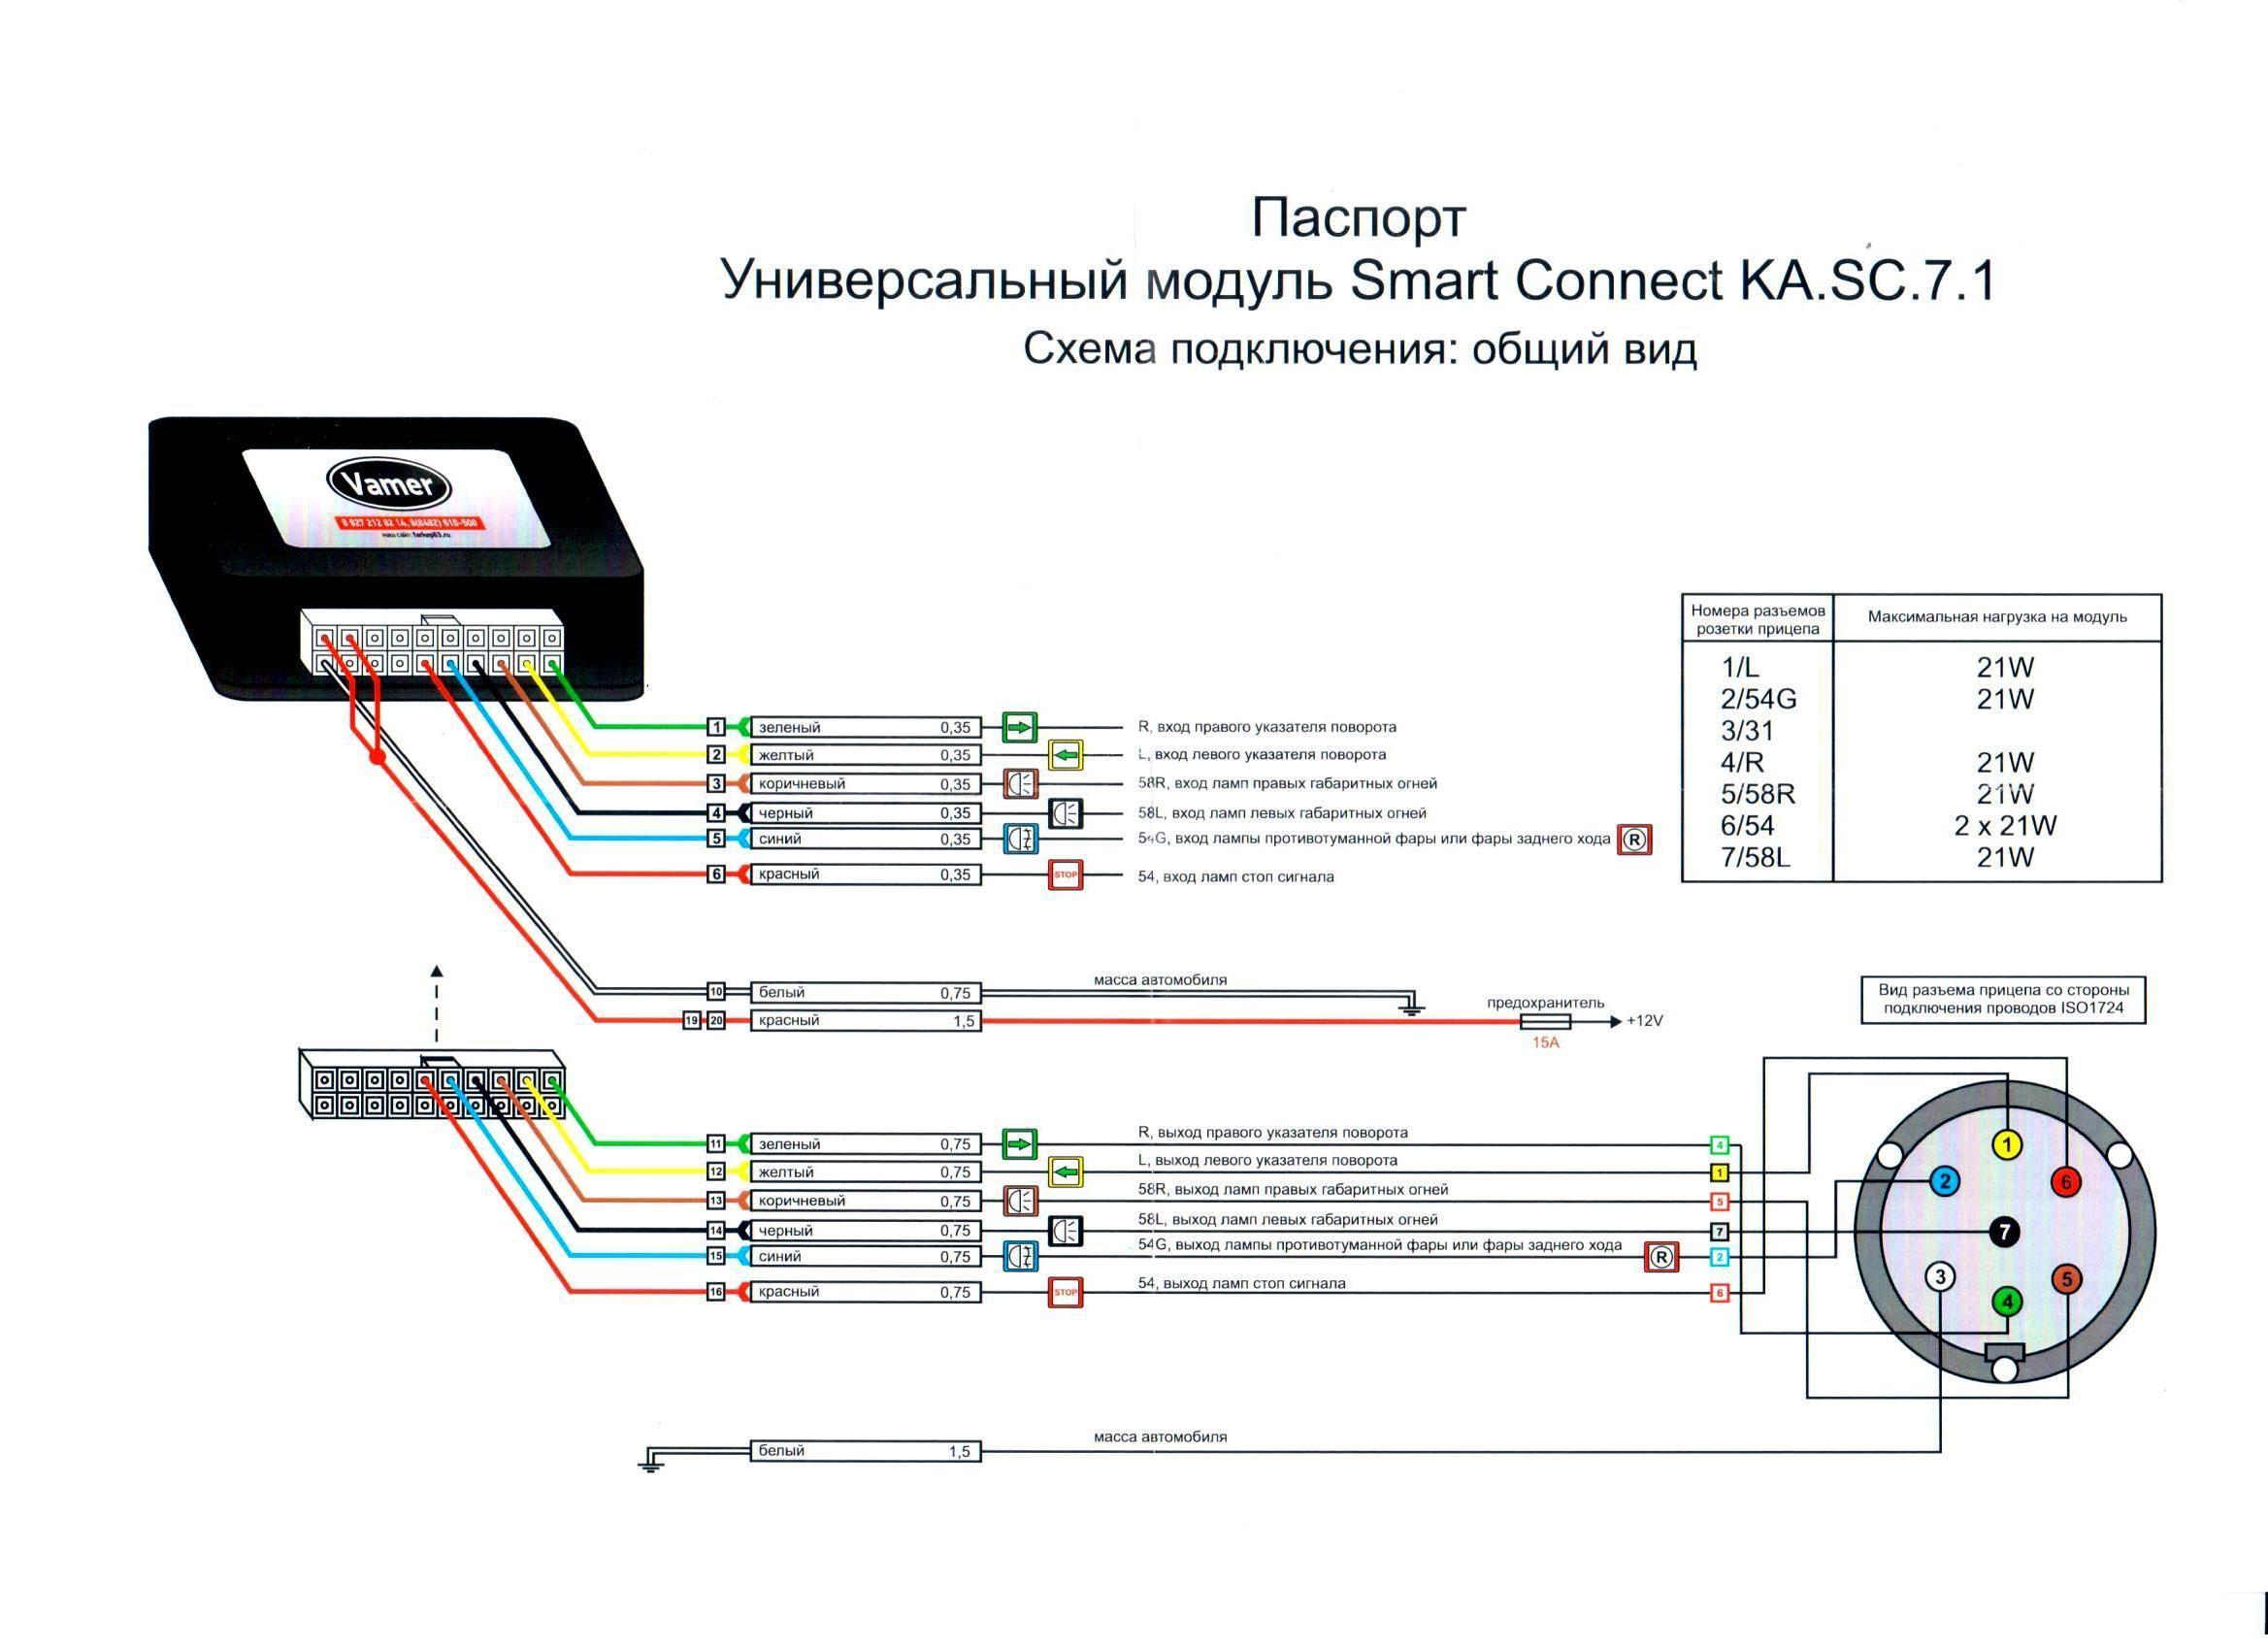 Схема подключения прицепа к легковому автомобилю